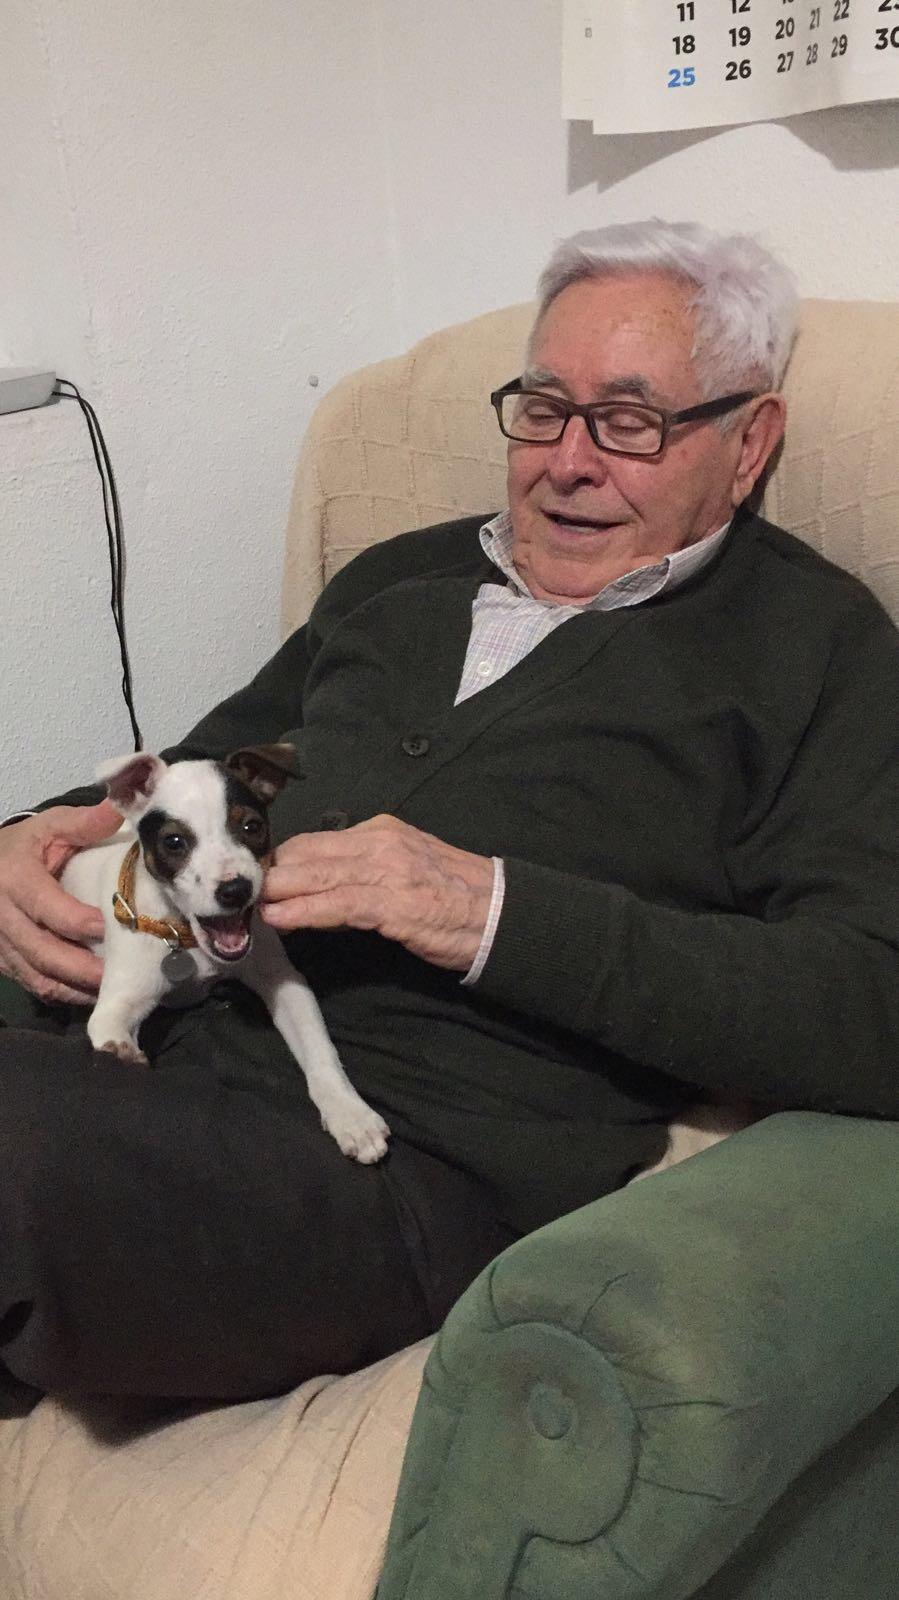 Luis grandad absolutely loved her.